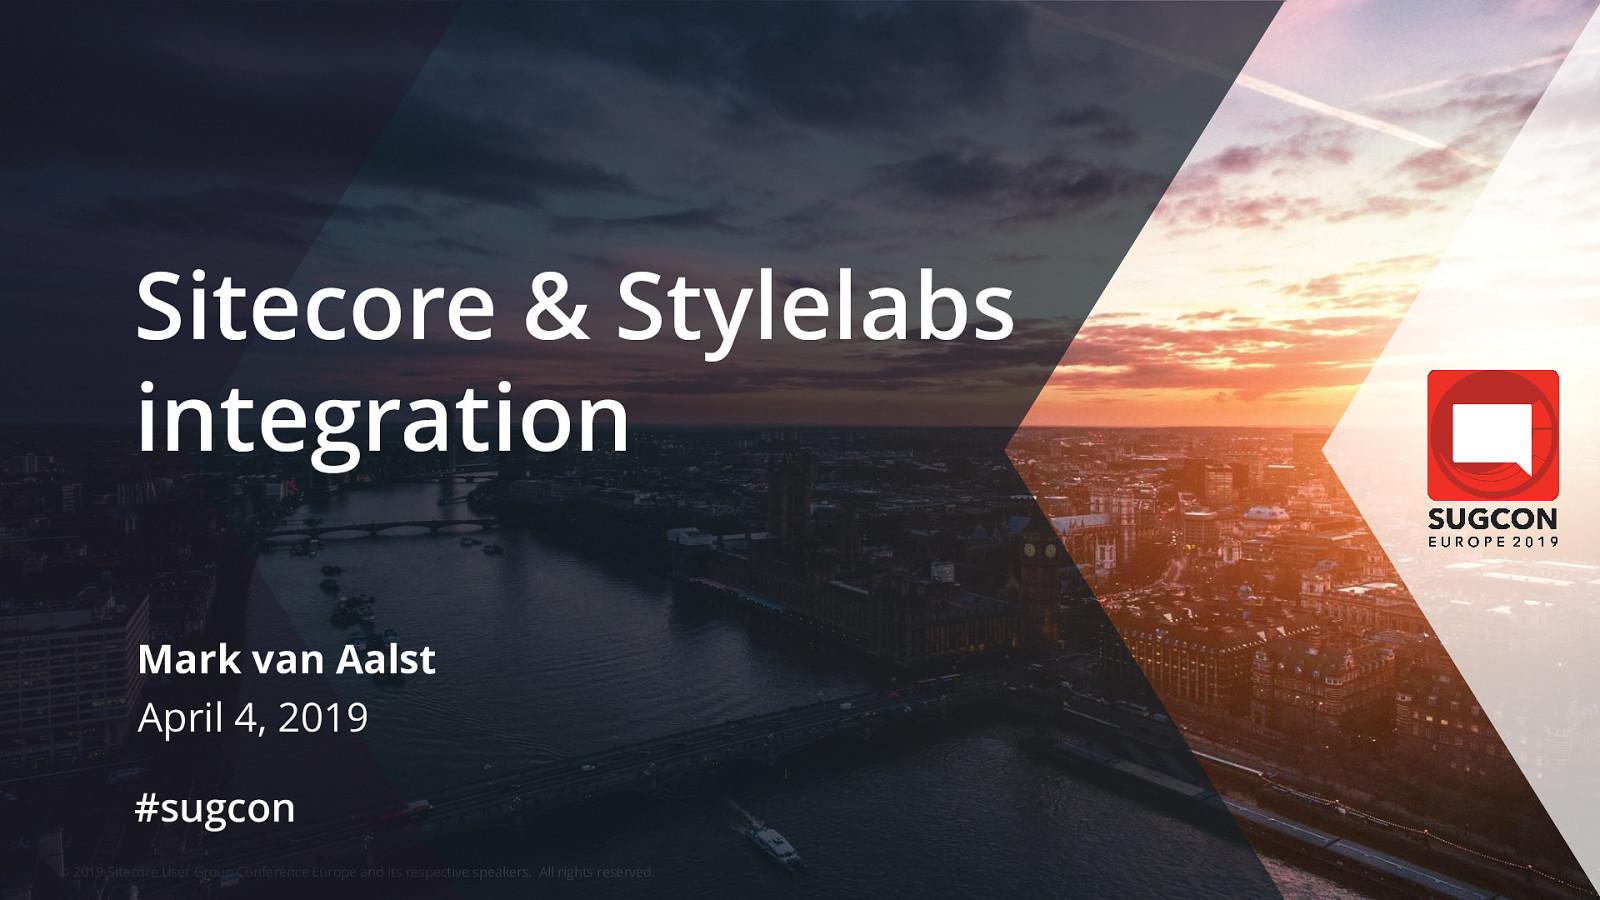 Sitecore & Stylelabs Integration